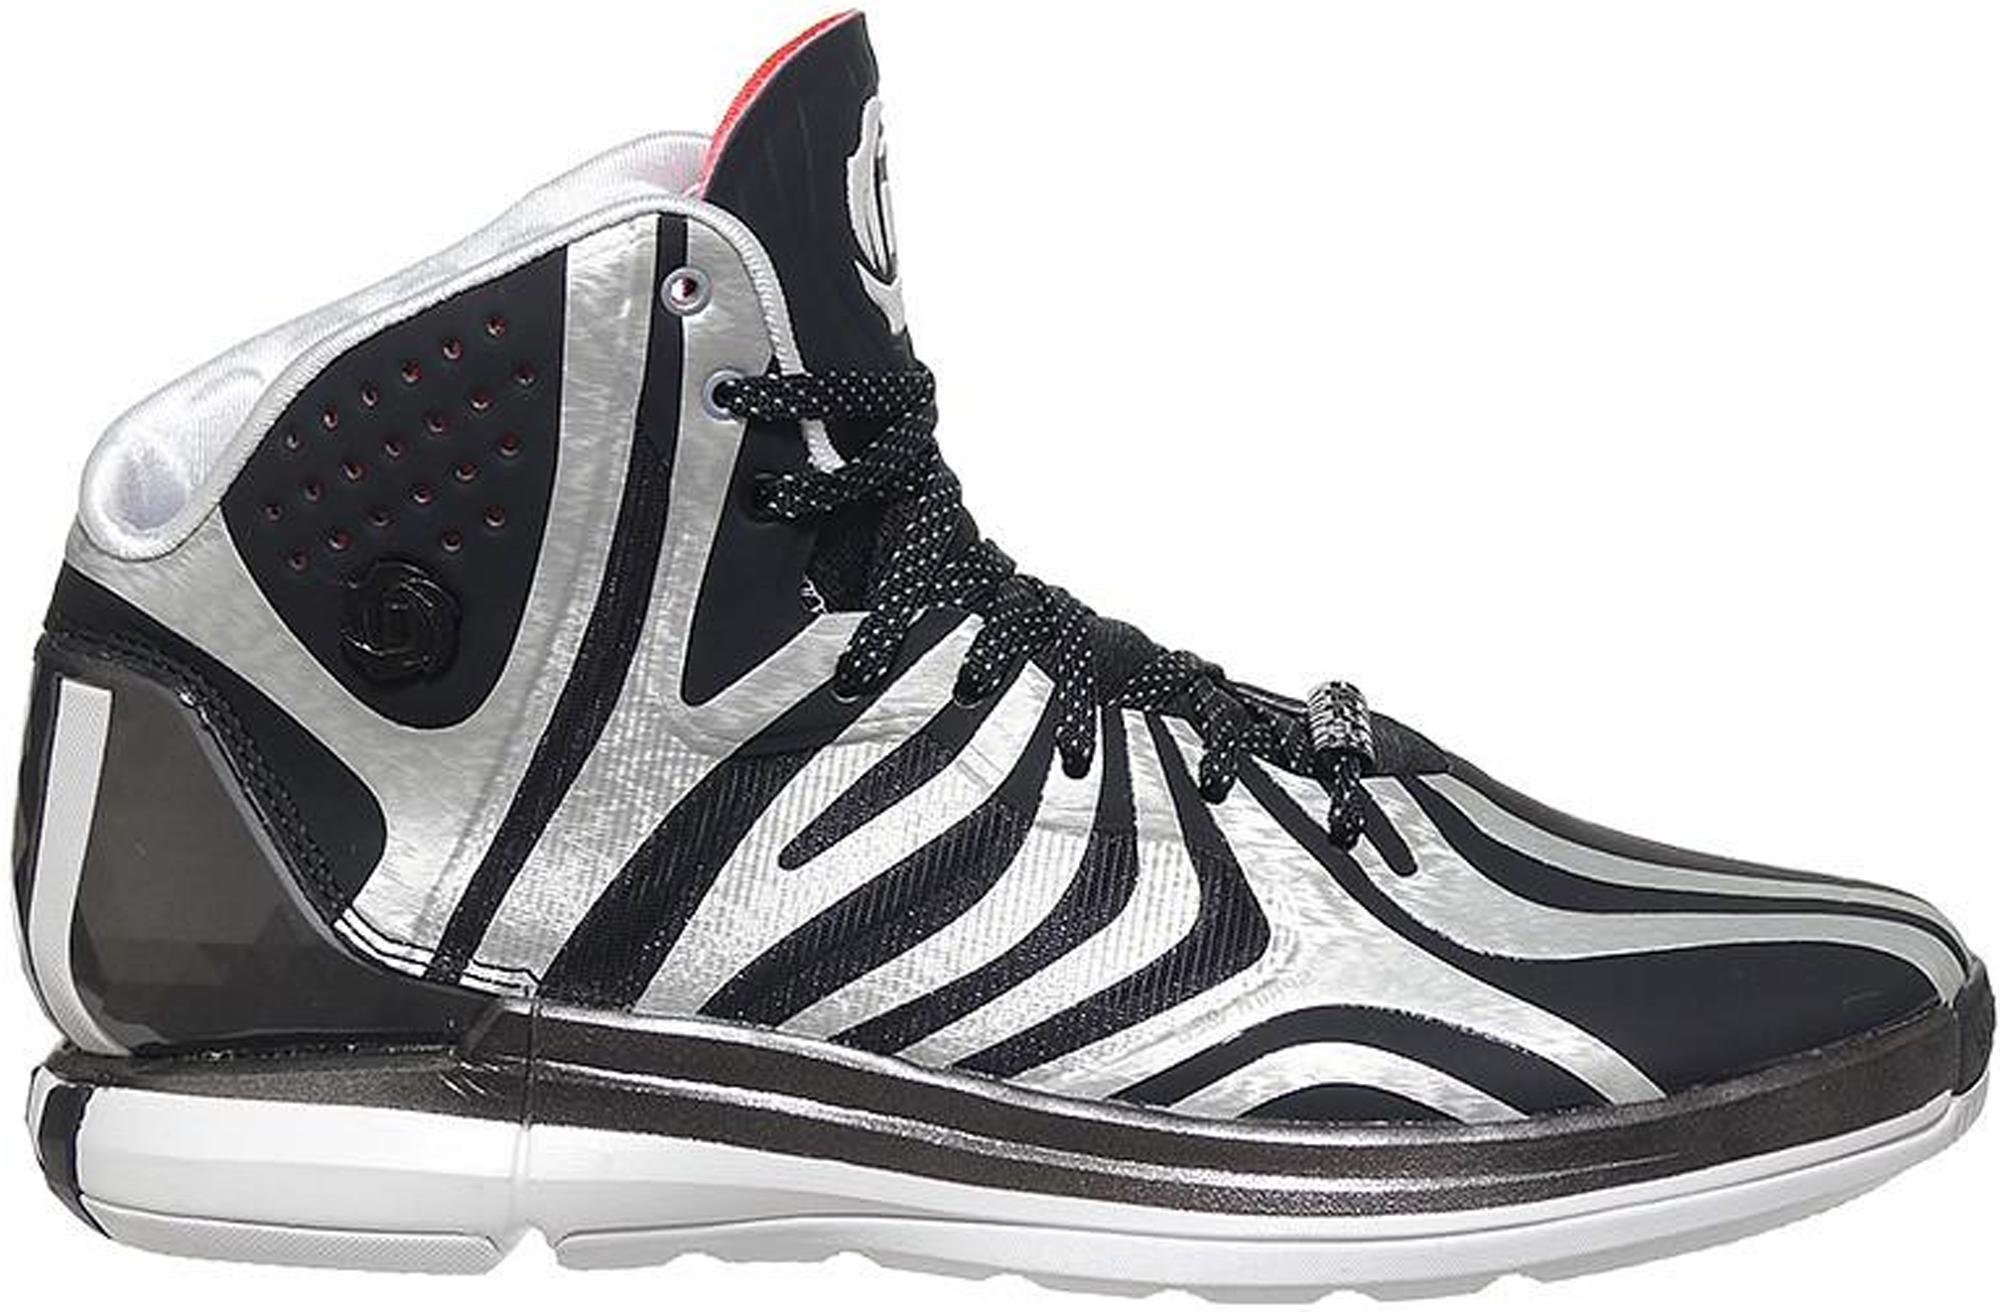 sports shoes fa55f 040f7 ... germany adidas d rose 4.5 zebra c0ec0 a88cc